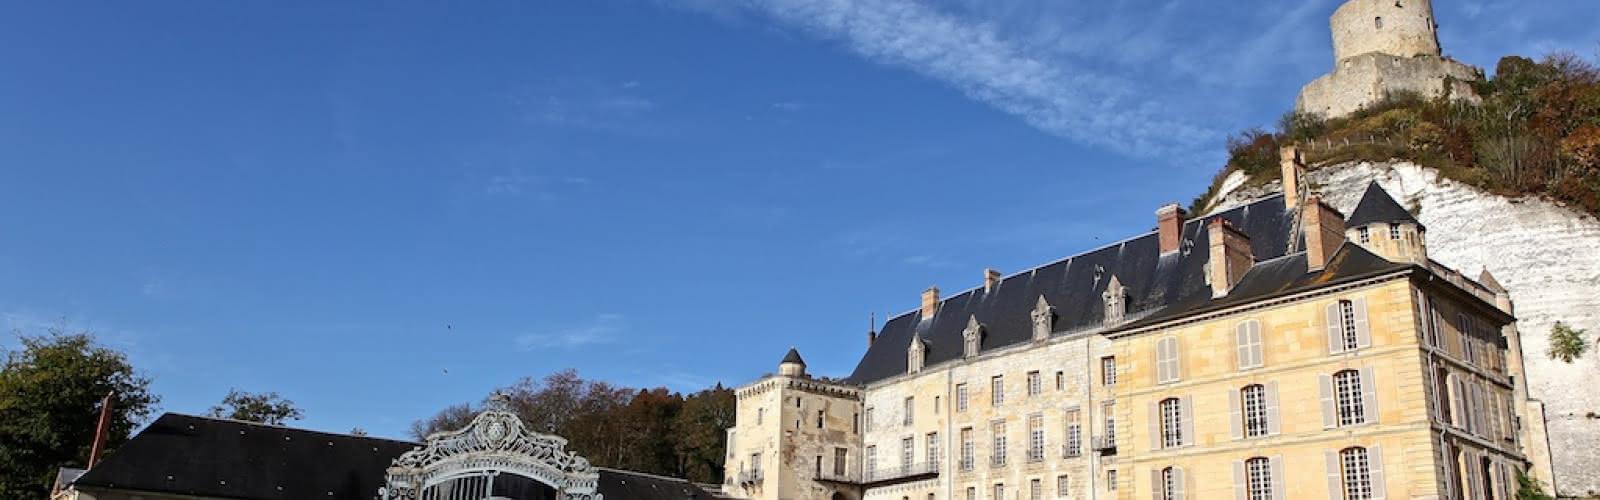 Château de La-Roche-Guyon